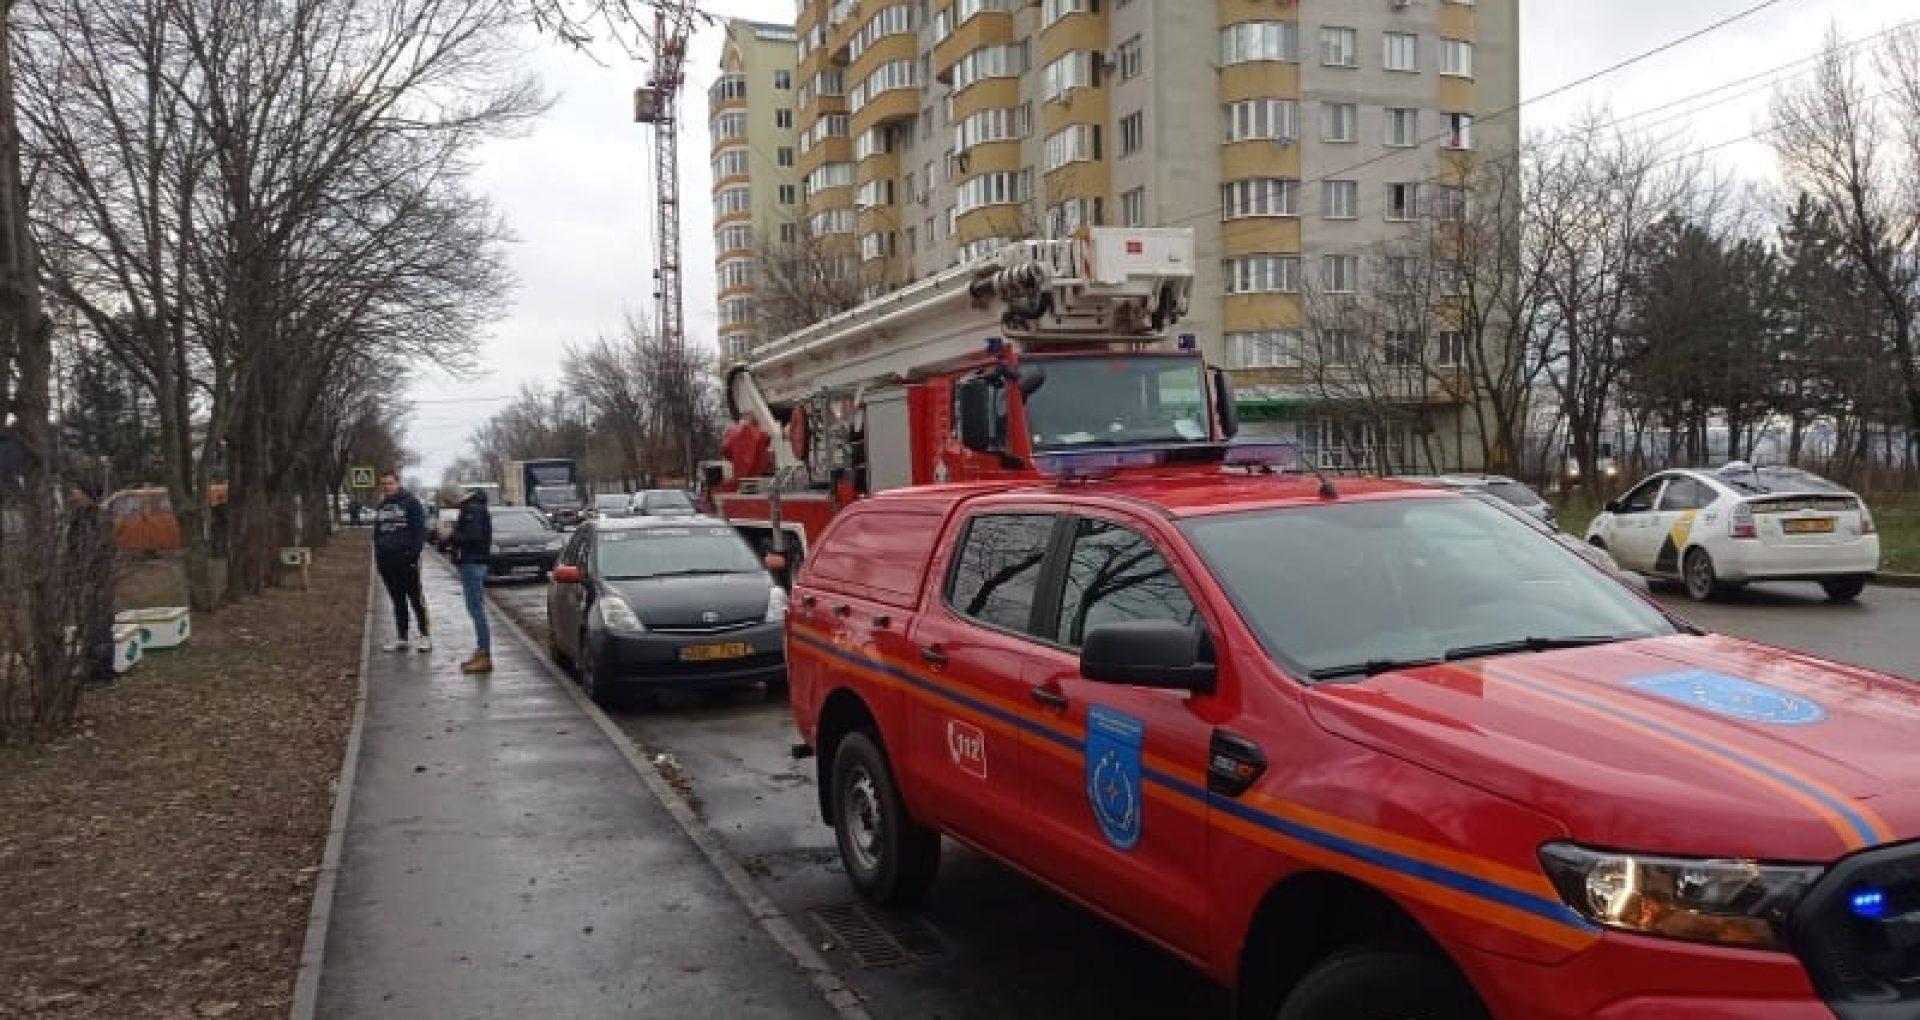 FOTO/ Incendiu într-un bloc locativ din capitală. Focul a distrus mai multe bunuri materiale însă nu sunt raportate victime